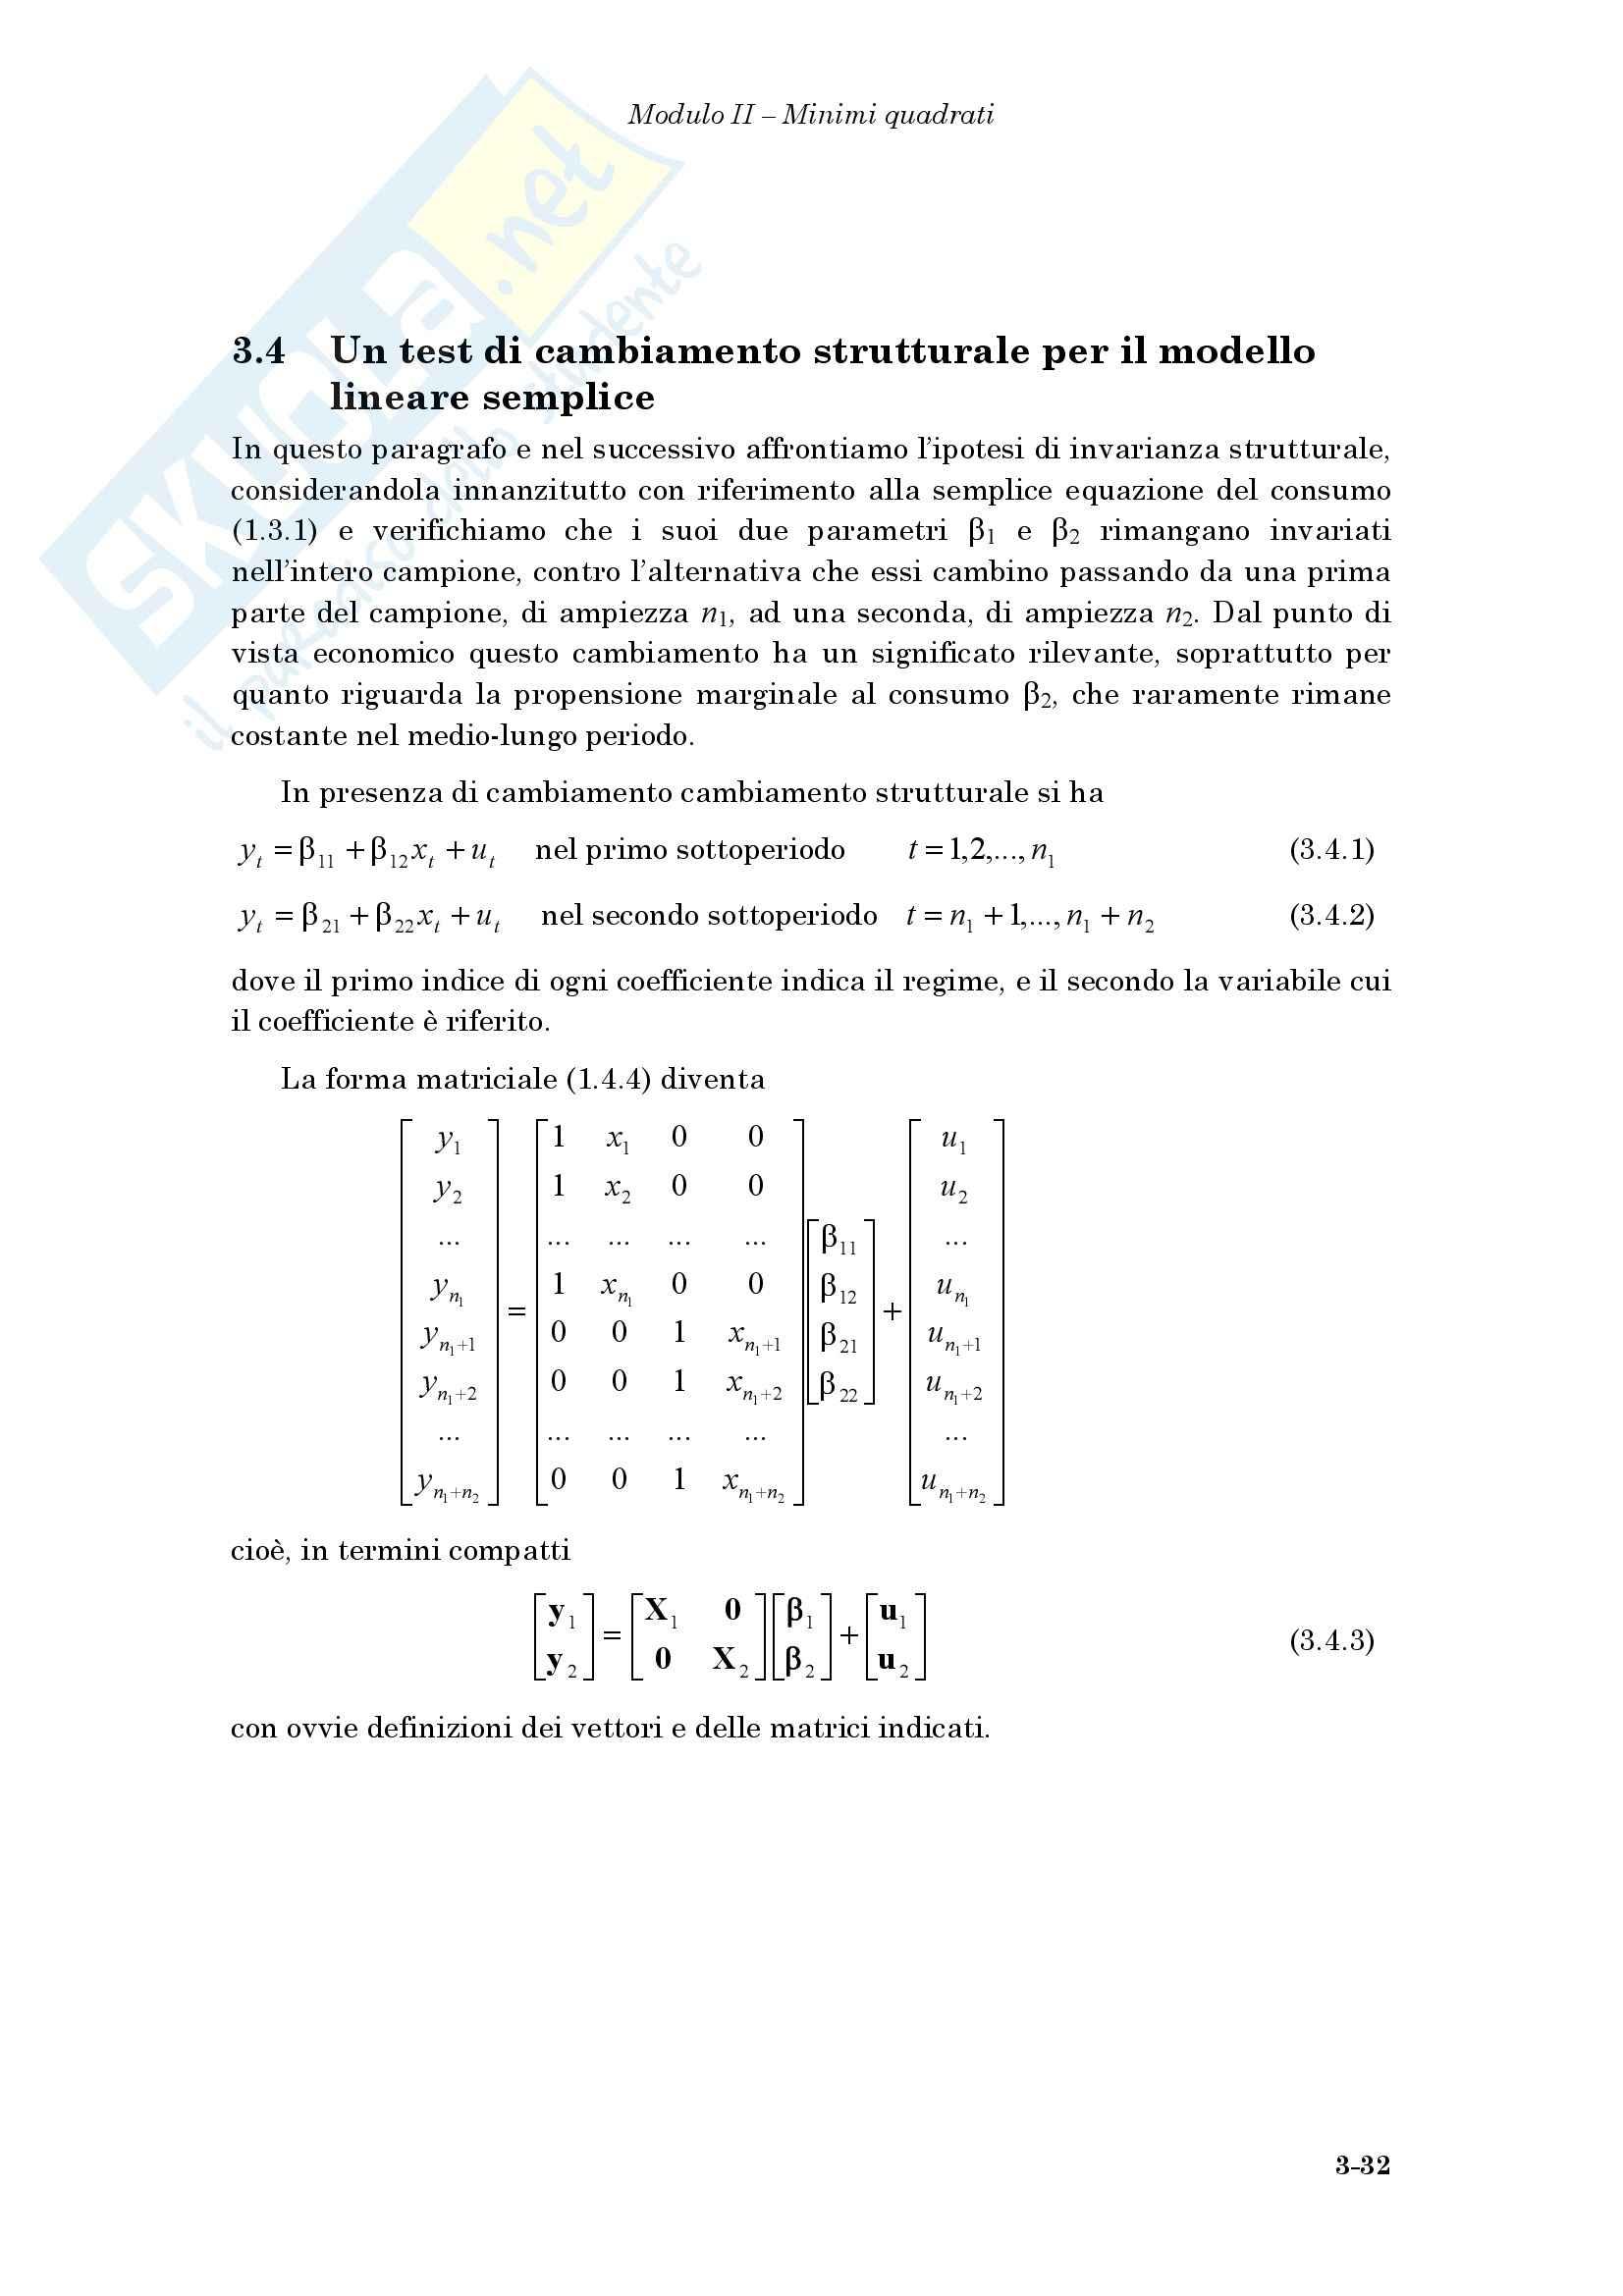 Econometria - il test di cambiamento strutturale